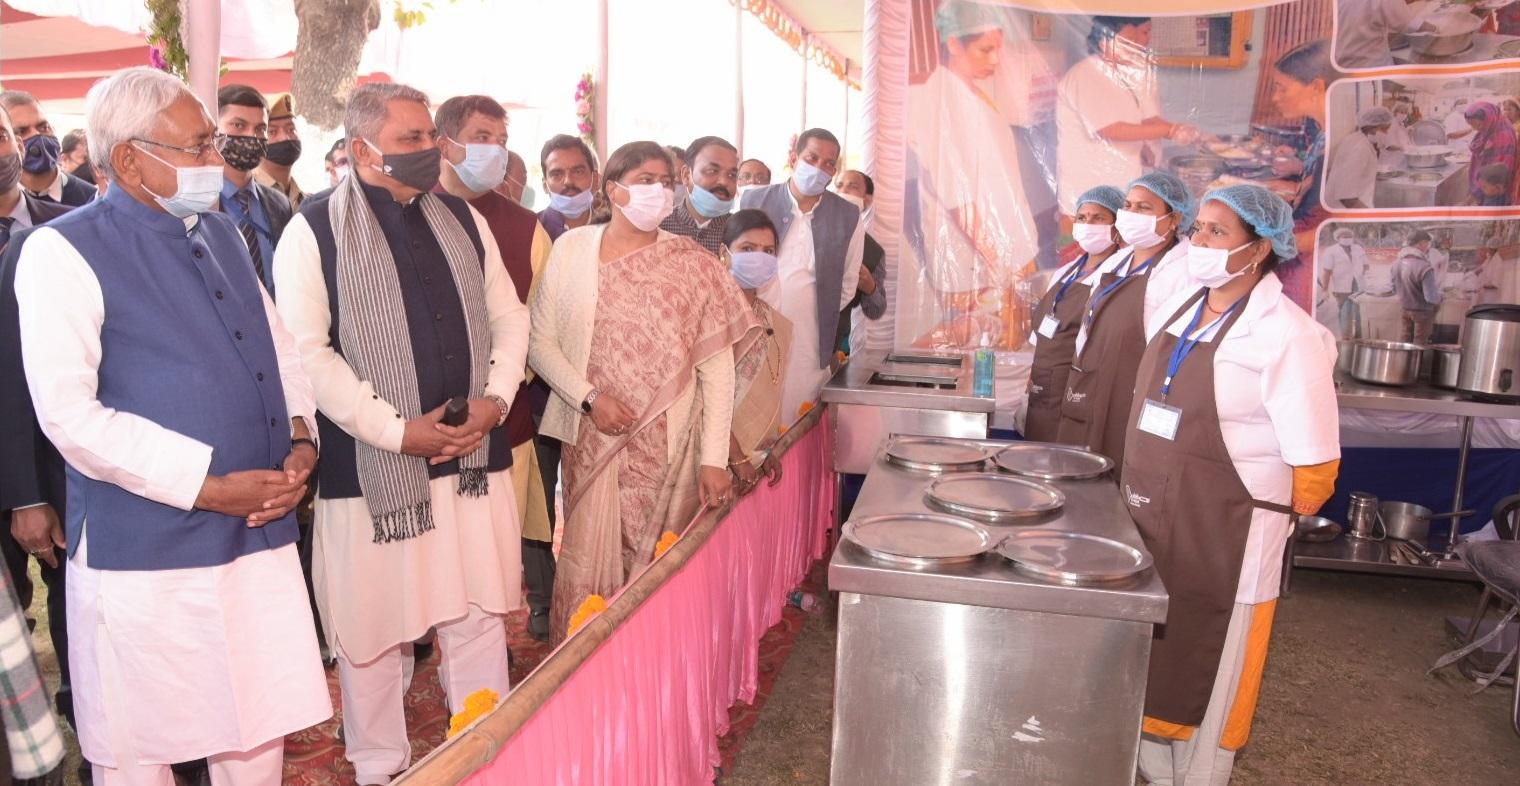 JEEViKA groups to supply school uniform; food in govt hospitals in Bihar